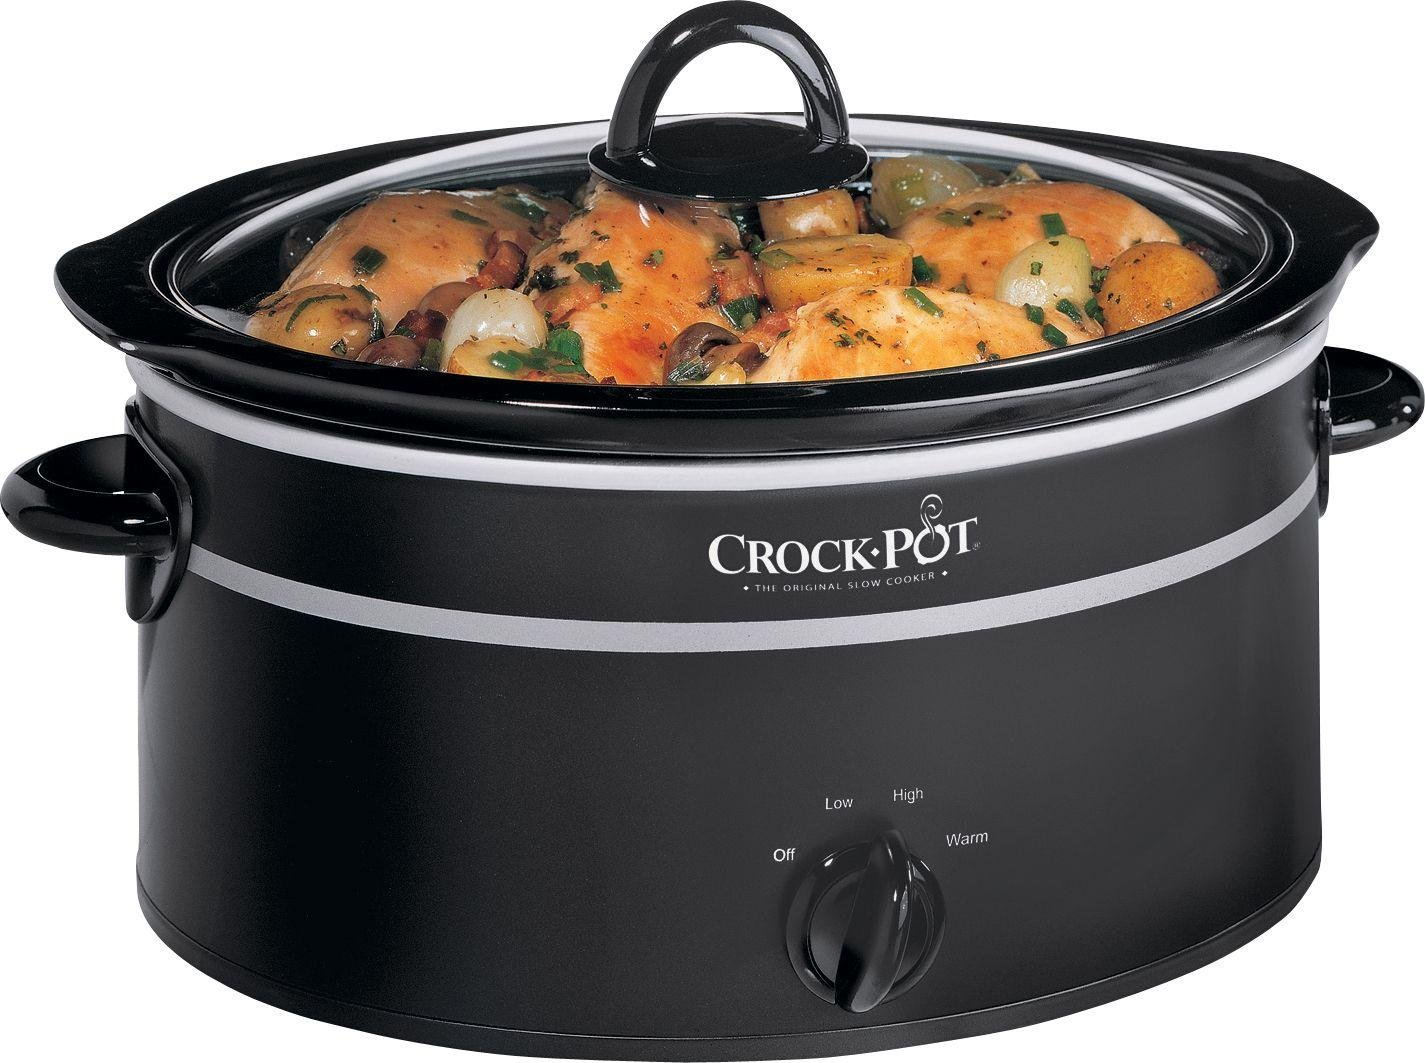 Image of Crock-Pot - SCV655B-IUK 65L Slow Cooker - Black